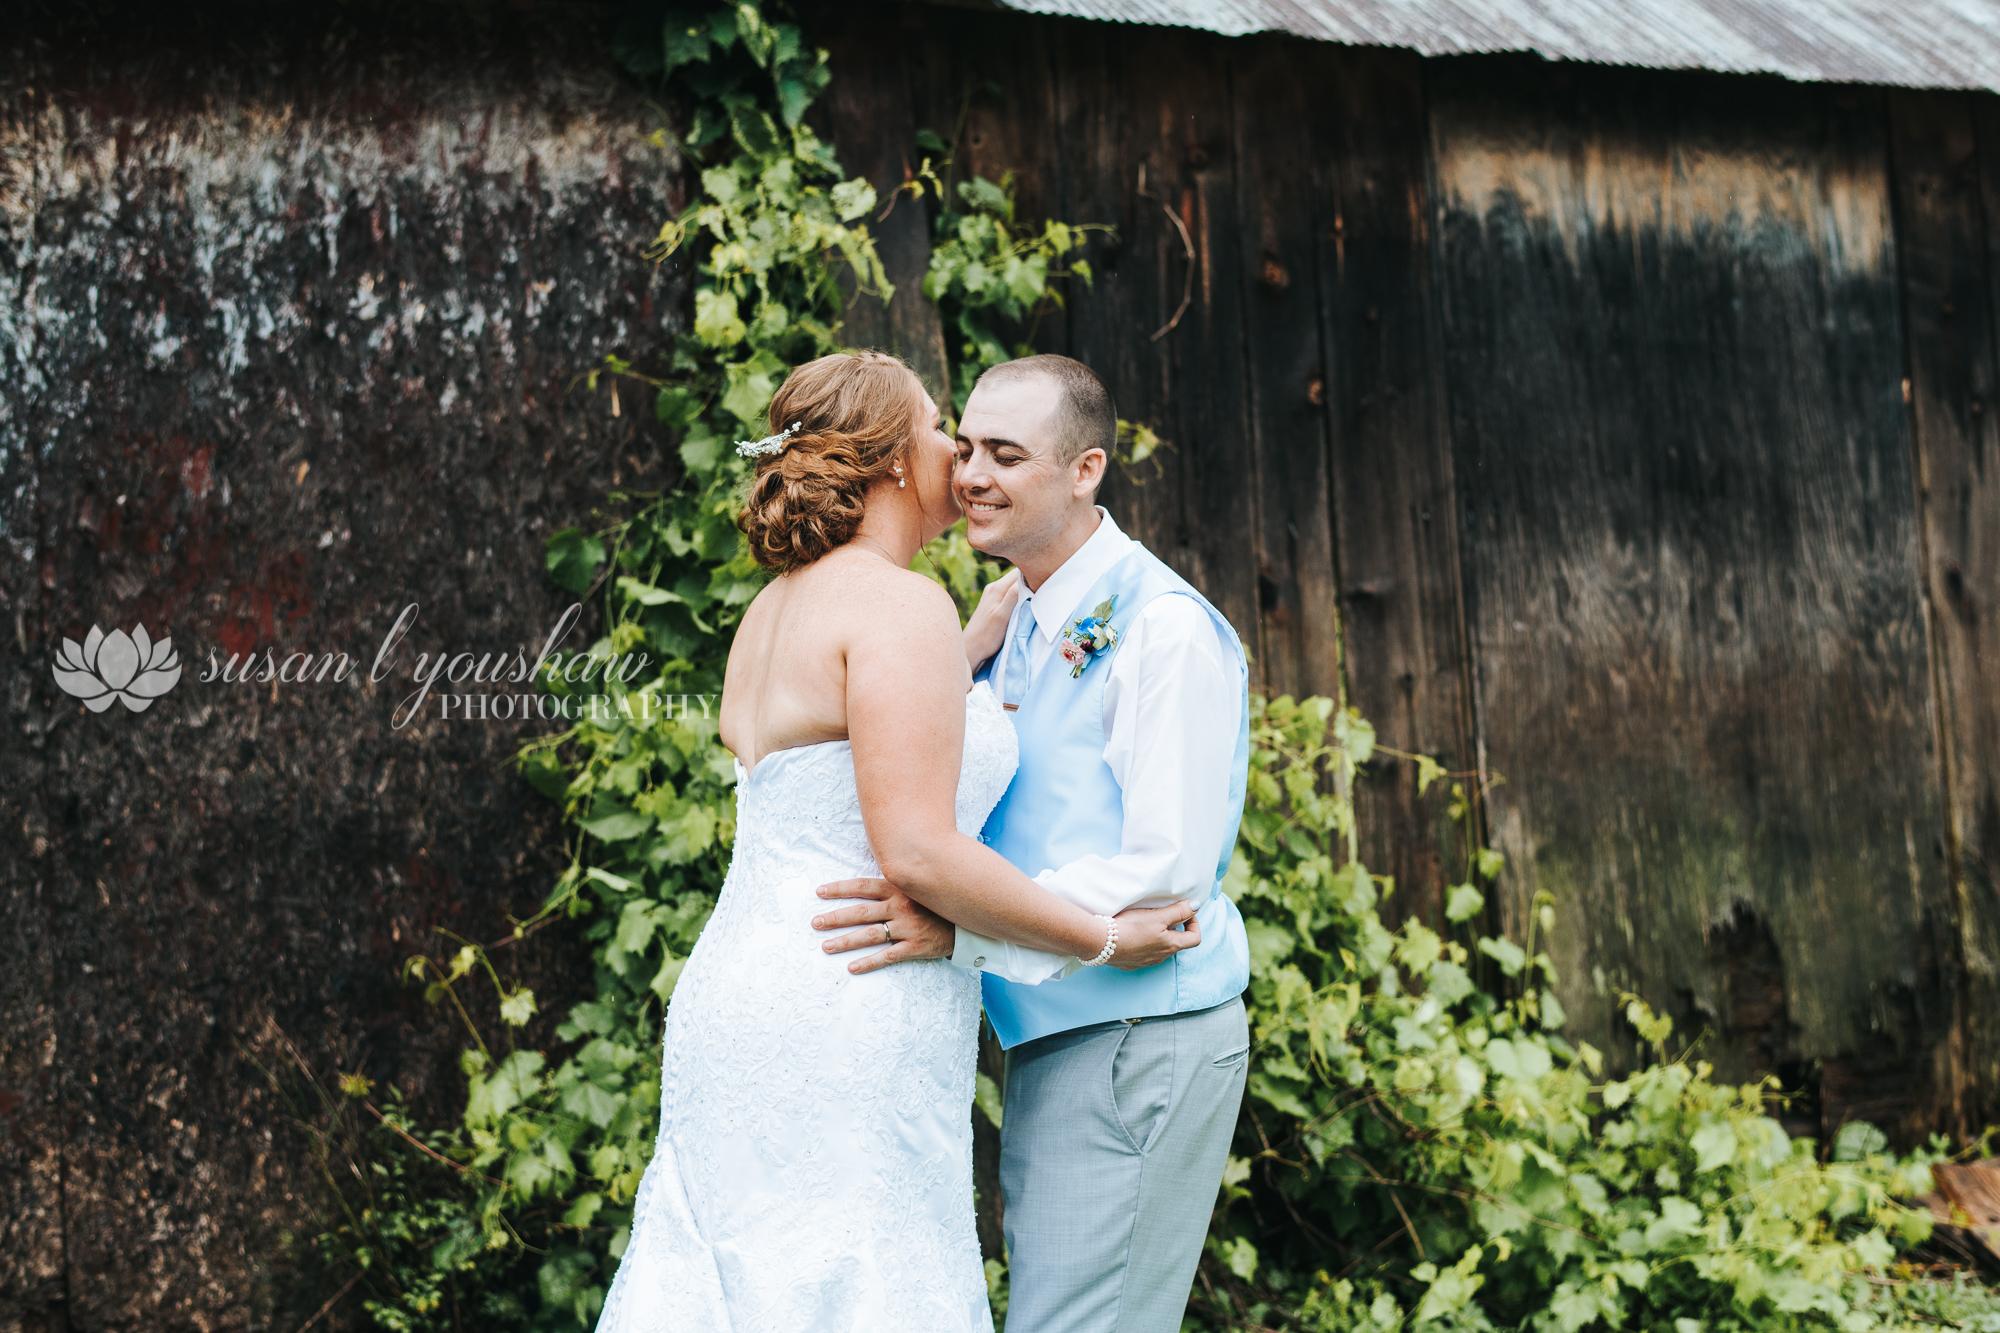 Erin and Jason Wedding Photos 07-06-2019 SLY Photography-130.jpg